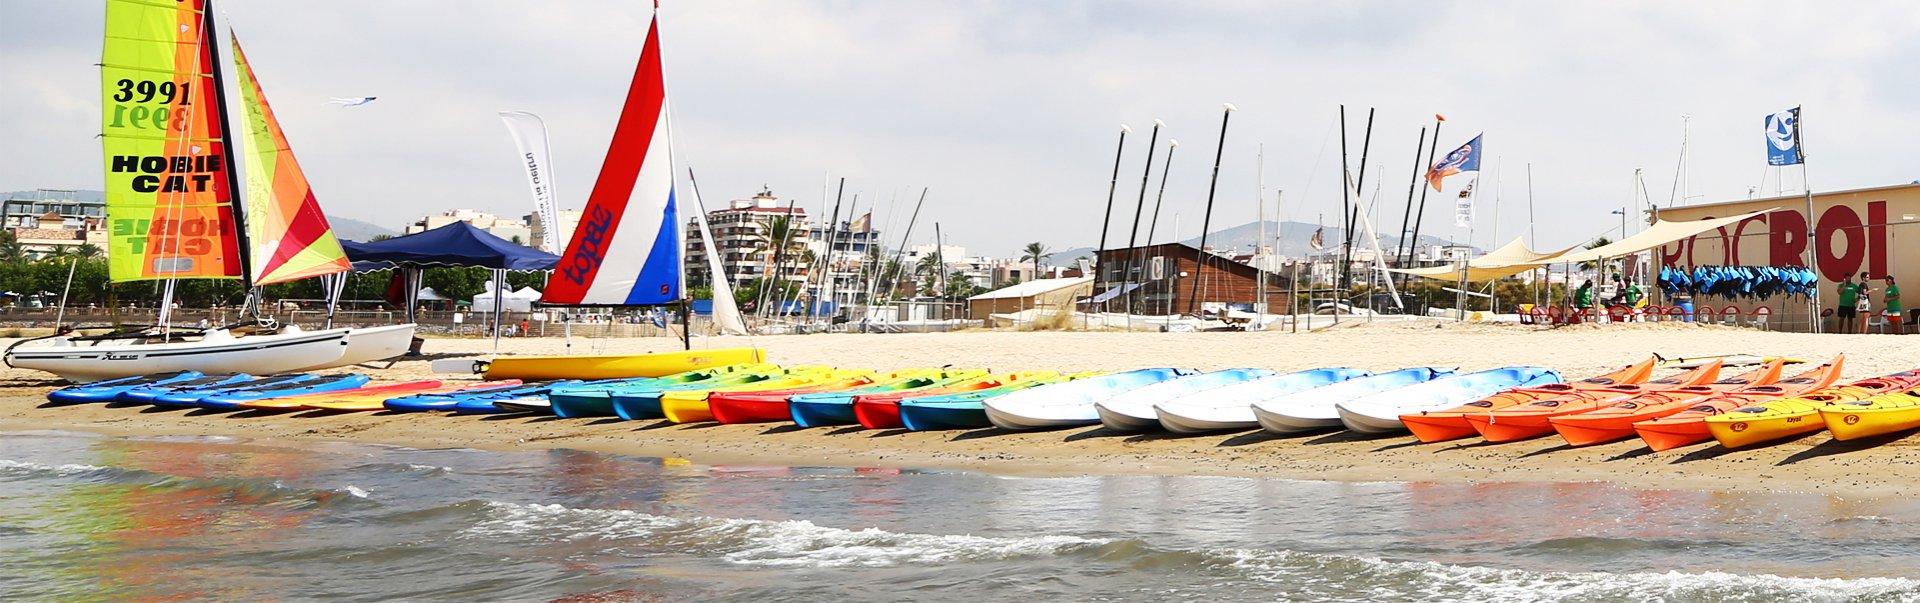 Open Kayak, Windsurf Spain 2016